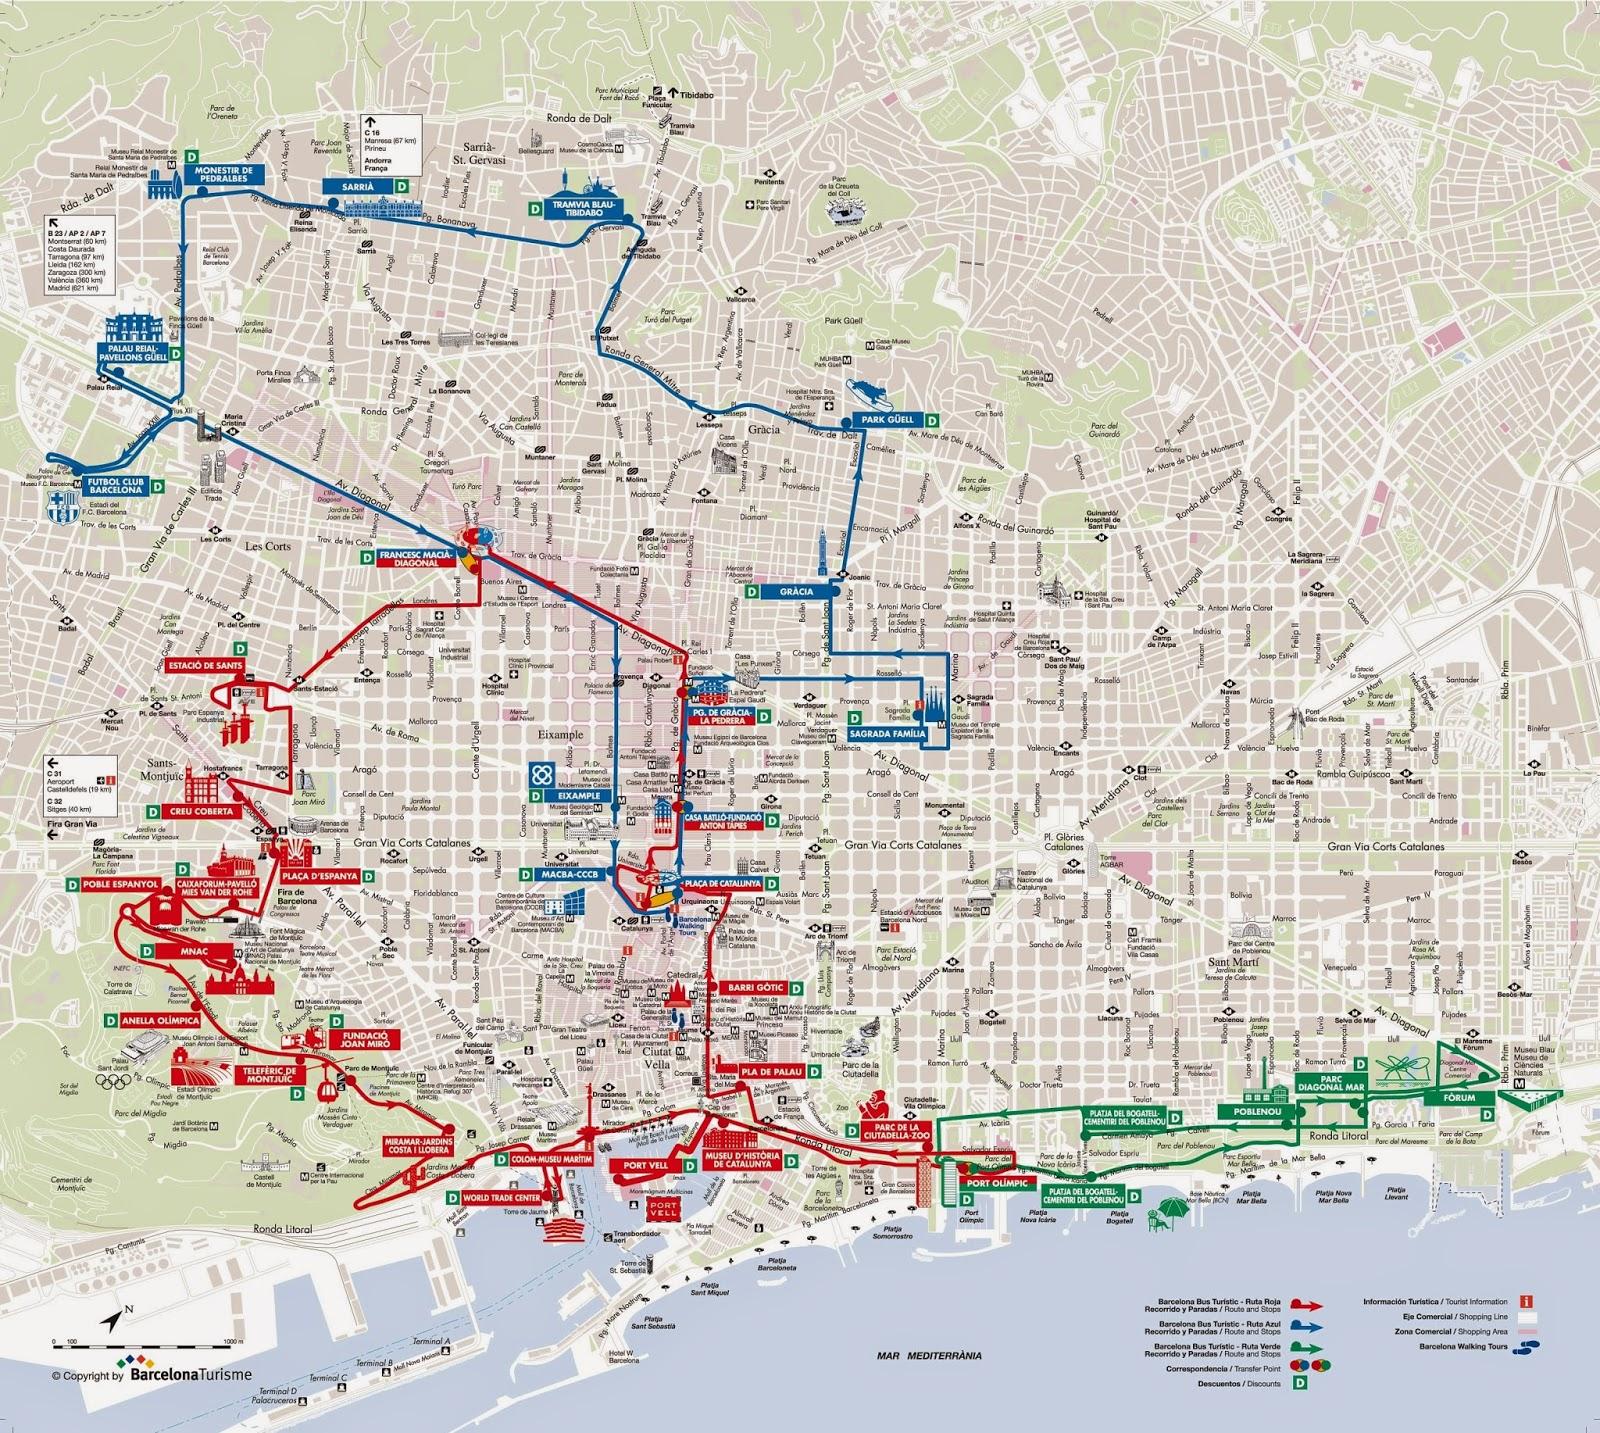 Маршрут движения туристических автобусов в Барселоне.